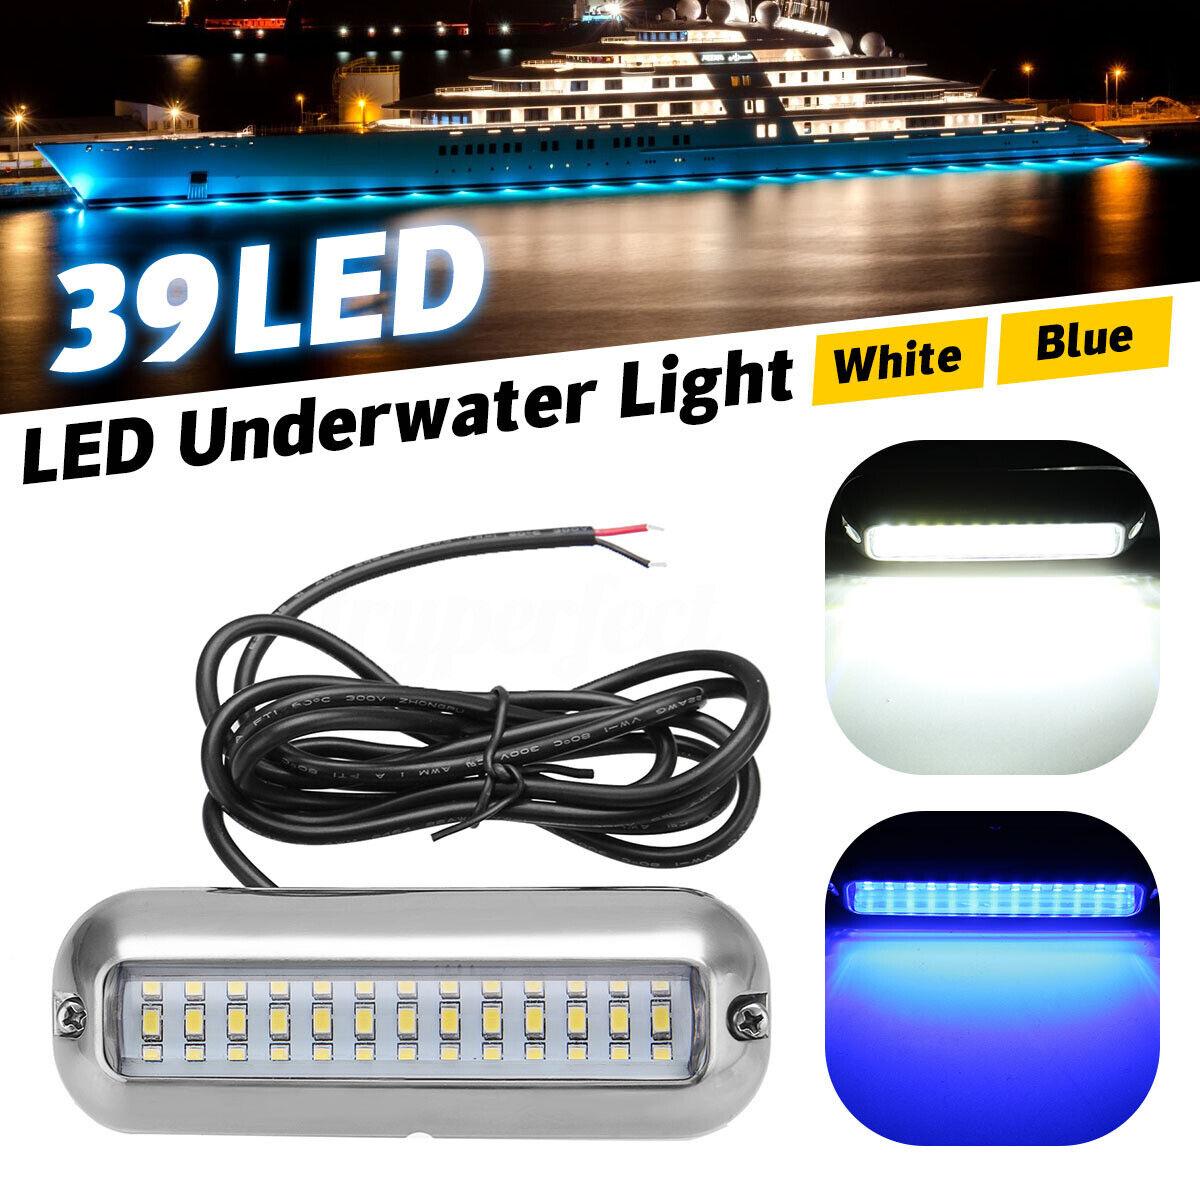 2pcs 4.7/'/' Bootsbeleuchtung 39 LED Unterwasser Beleuchtung Licht Lampe Angeln